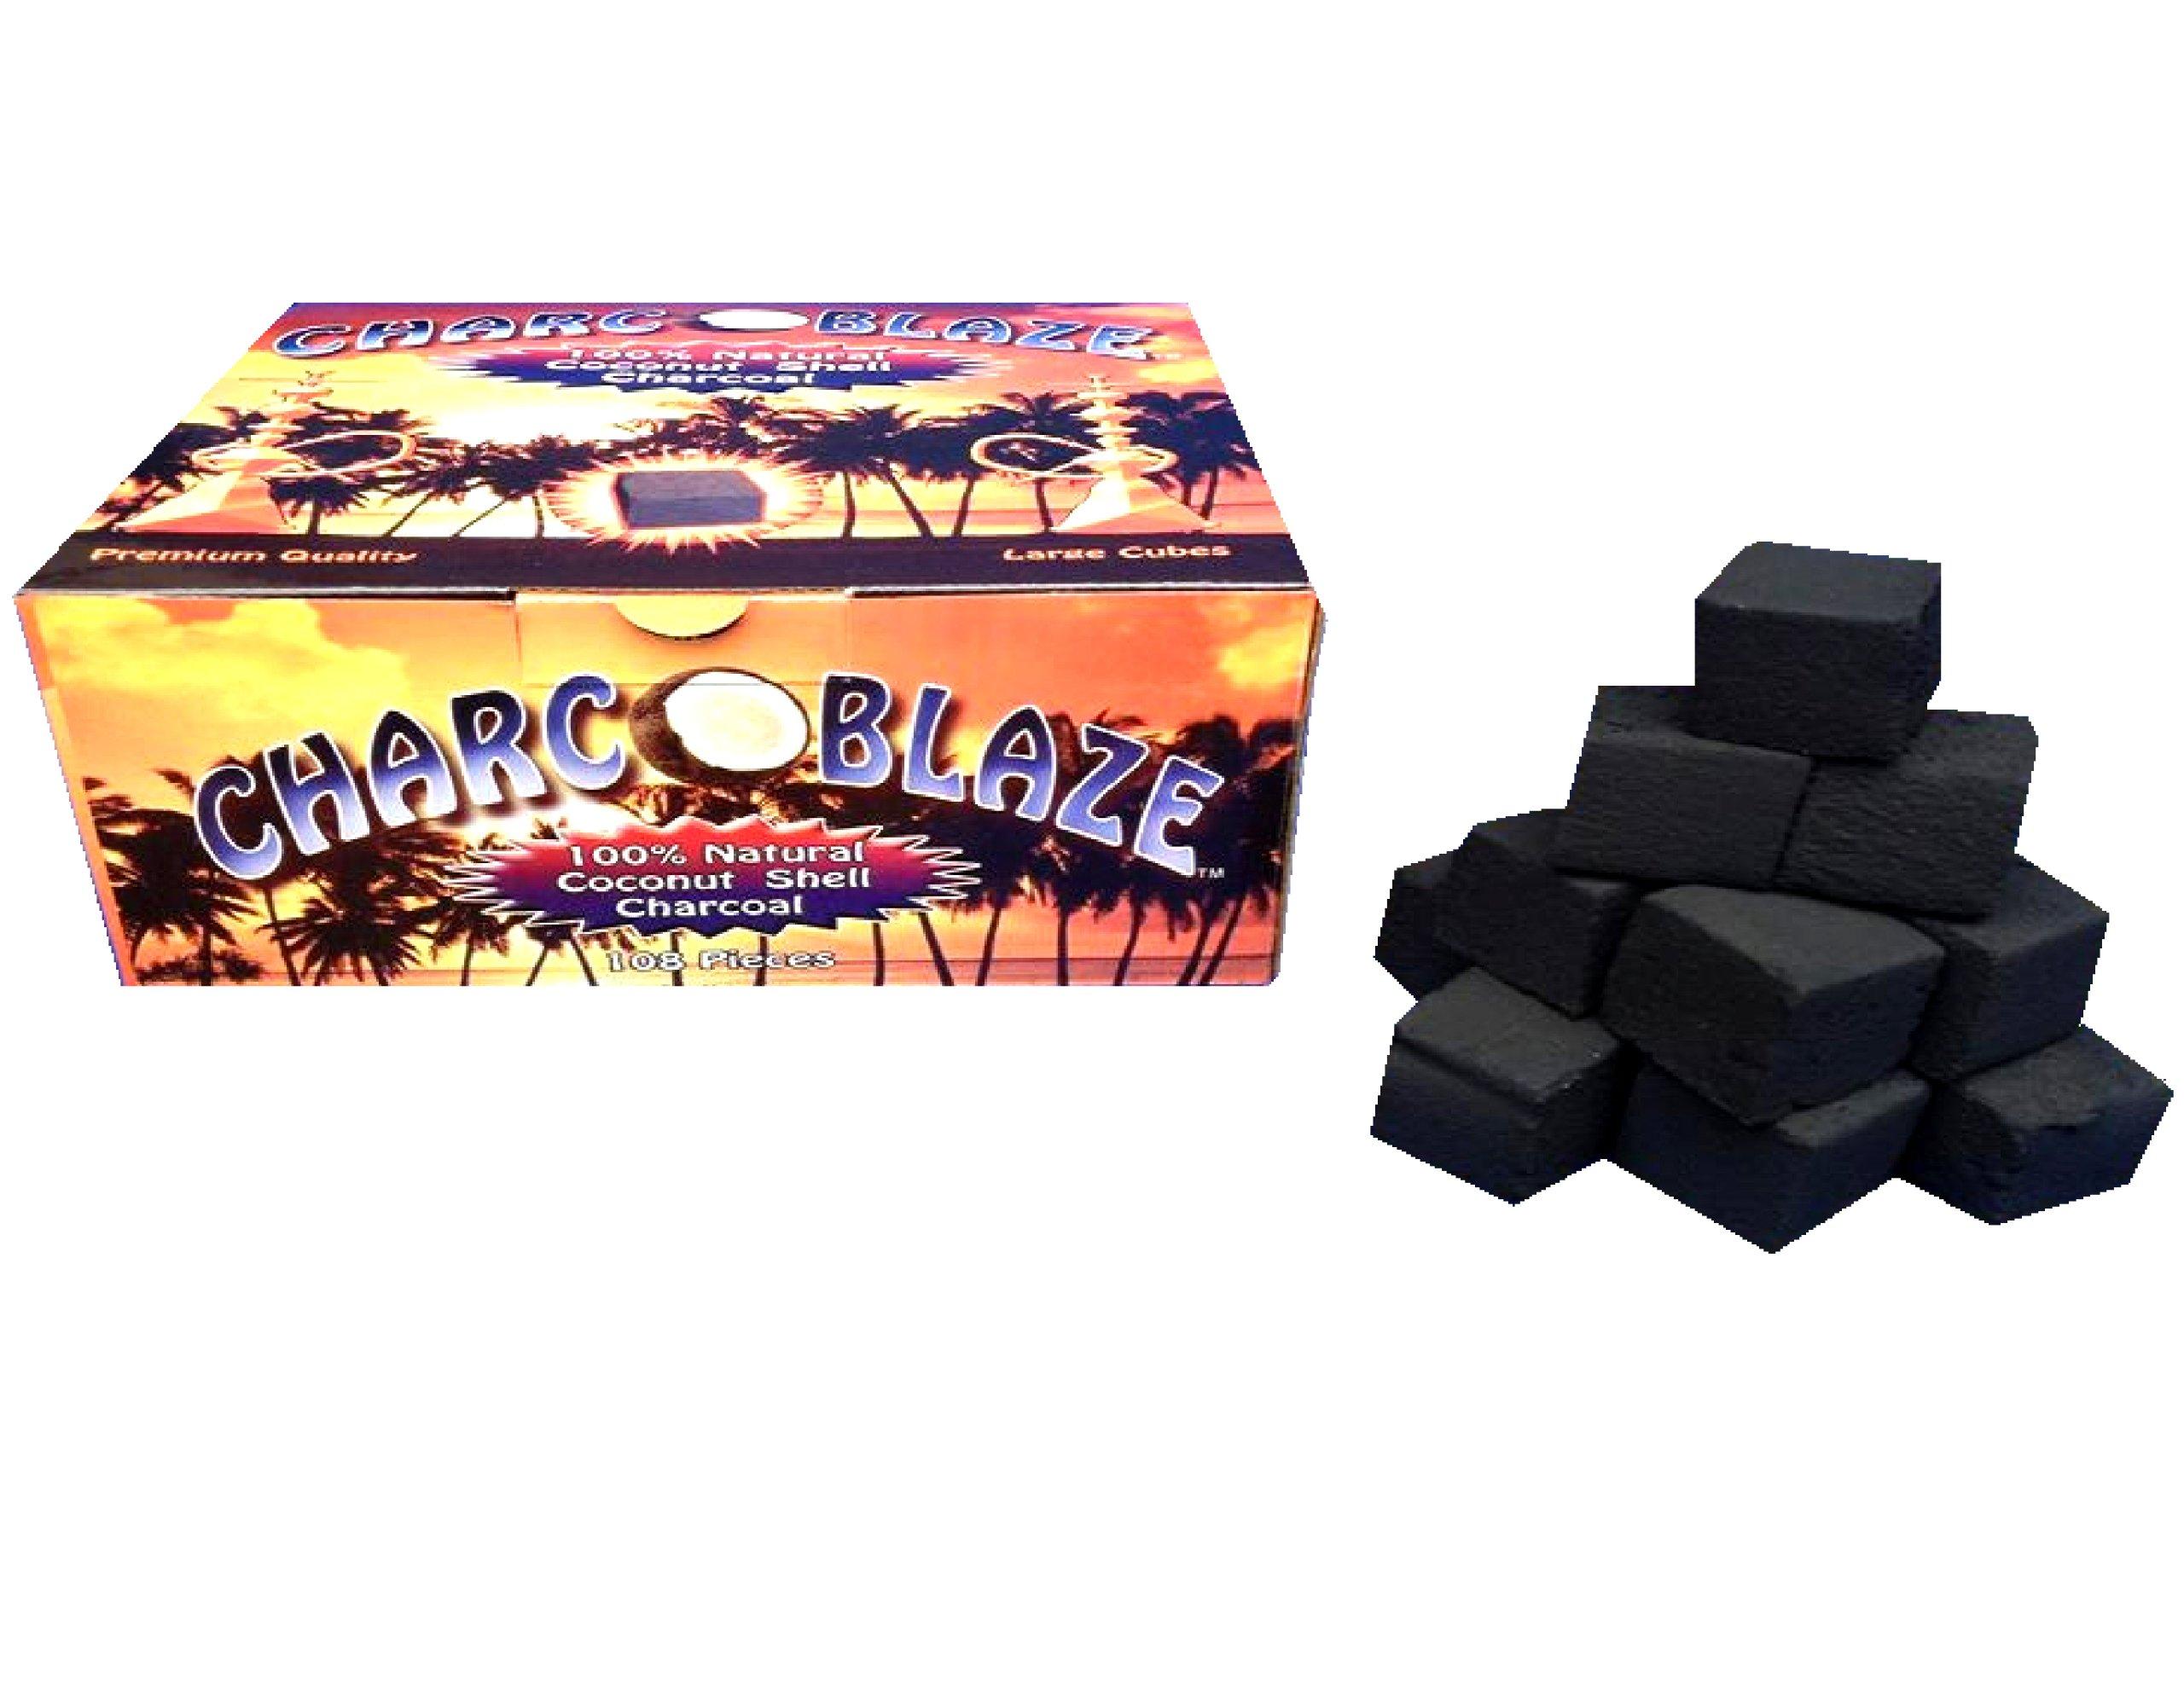 Charcoblaze Hookah Charcoal 108 Pieces Large Coconut